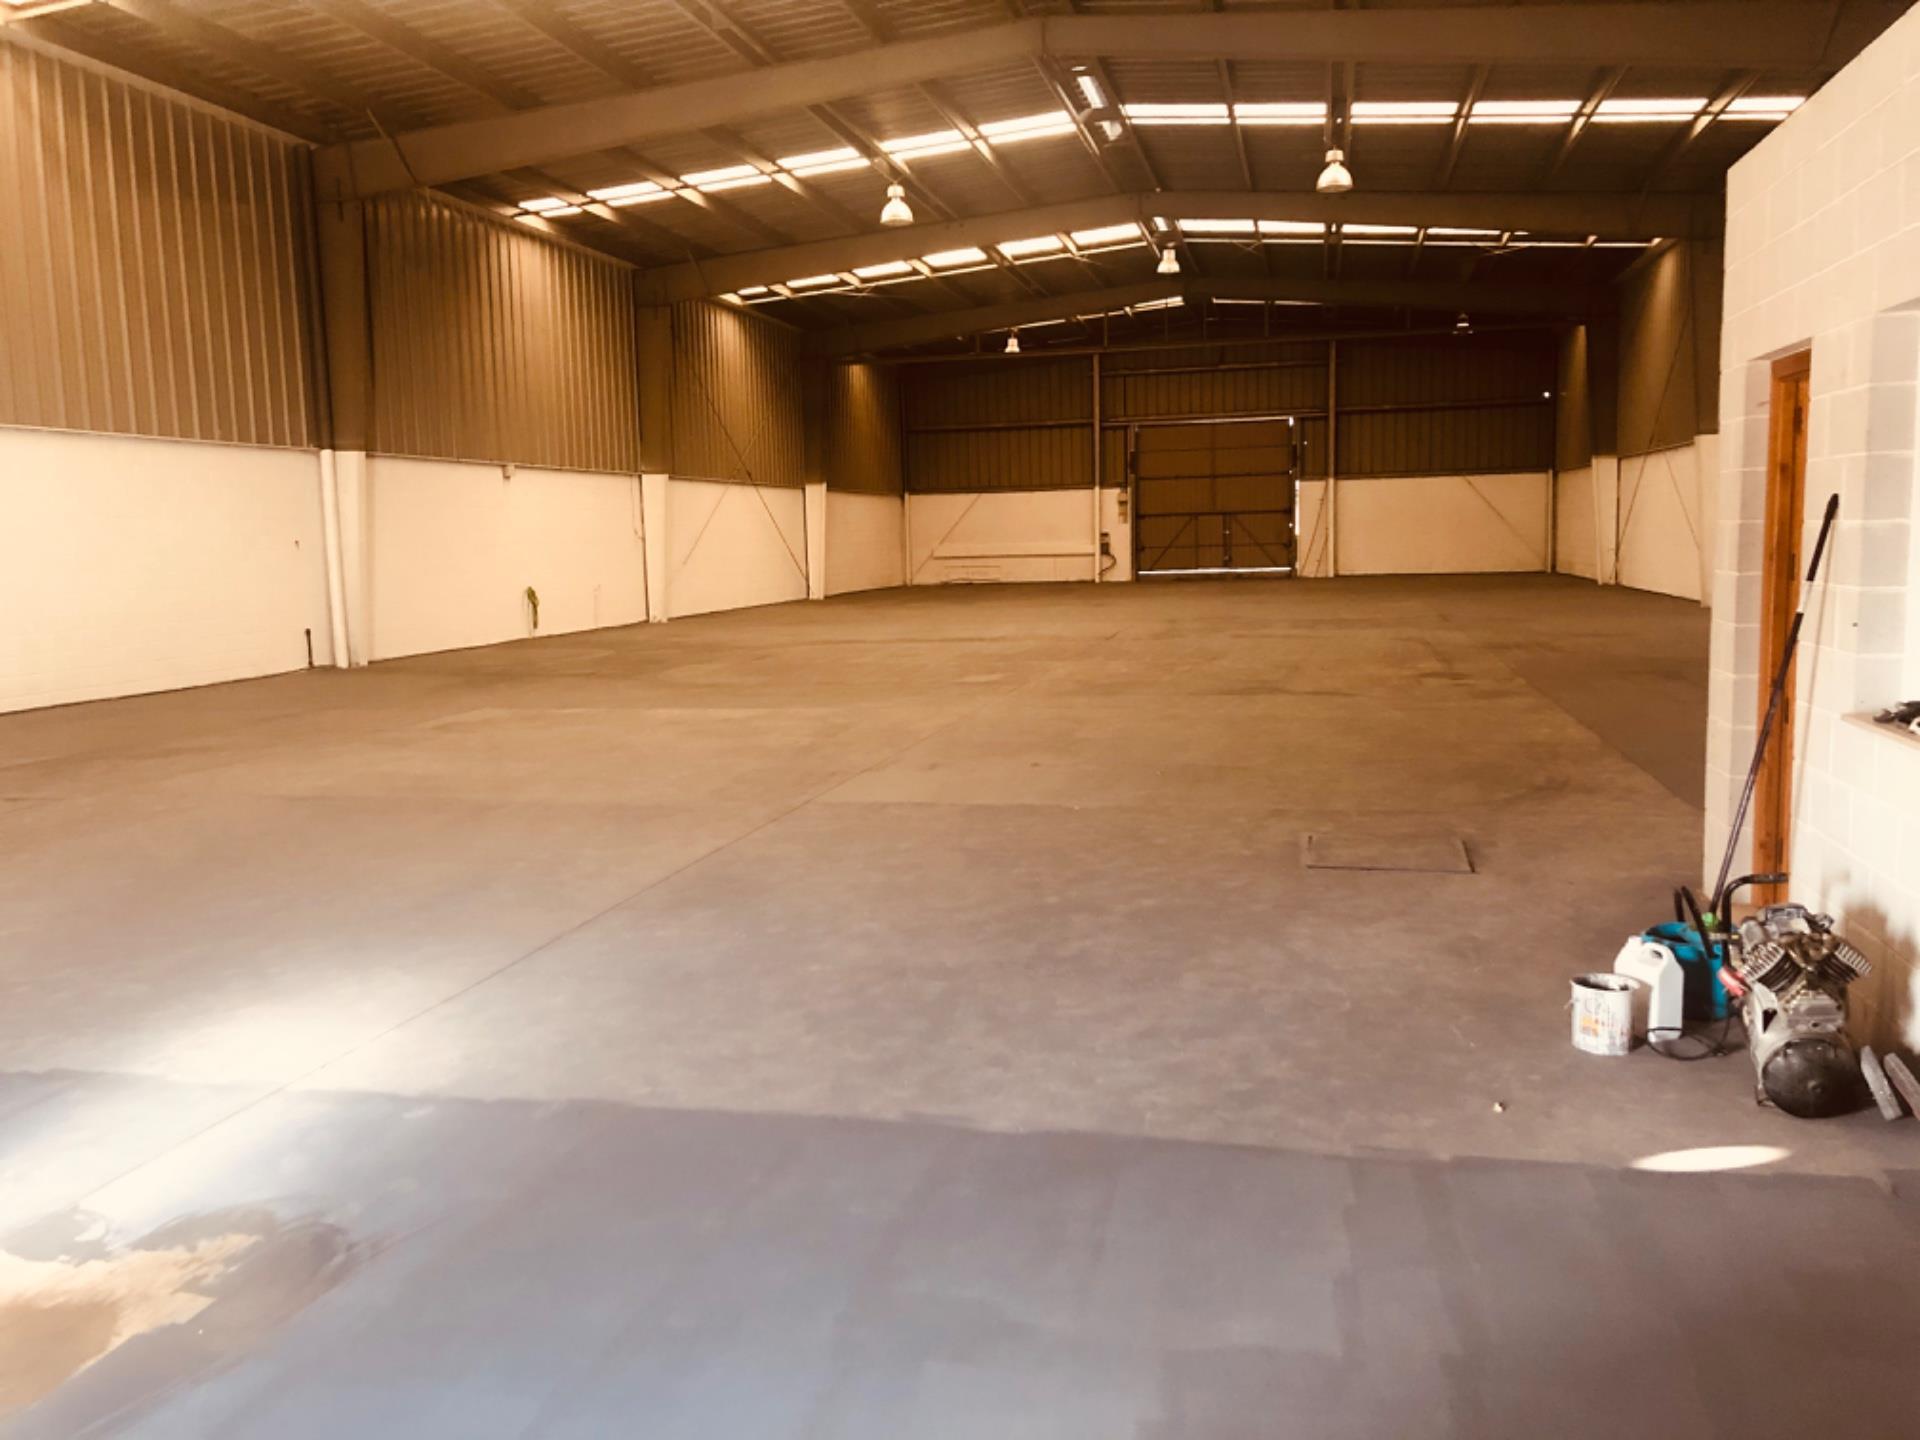 Nave industrial de alquiler en Humilladero (Antequera, Málaga)